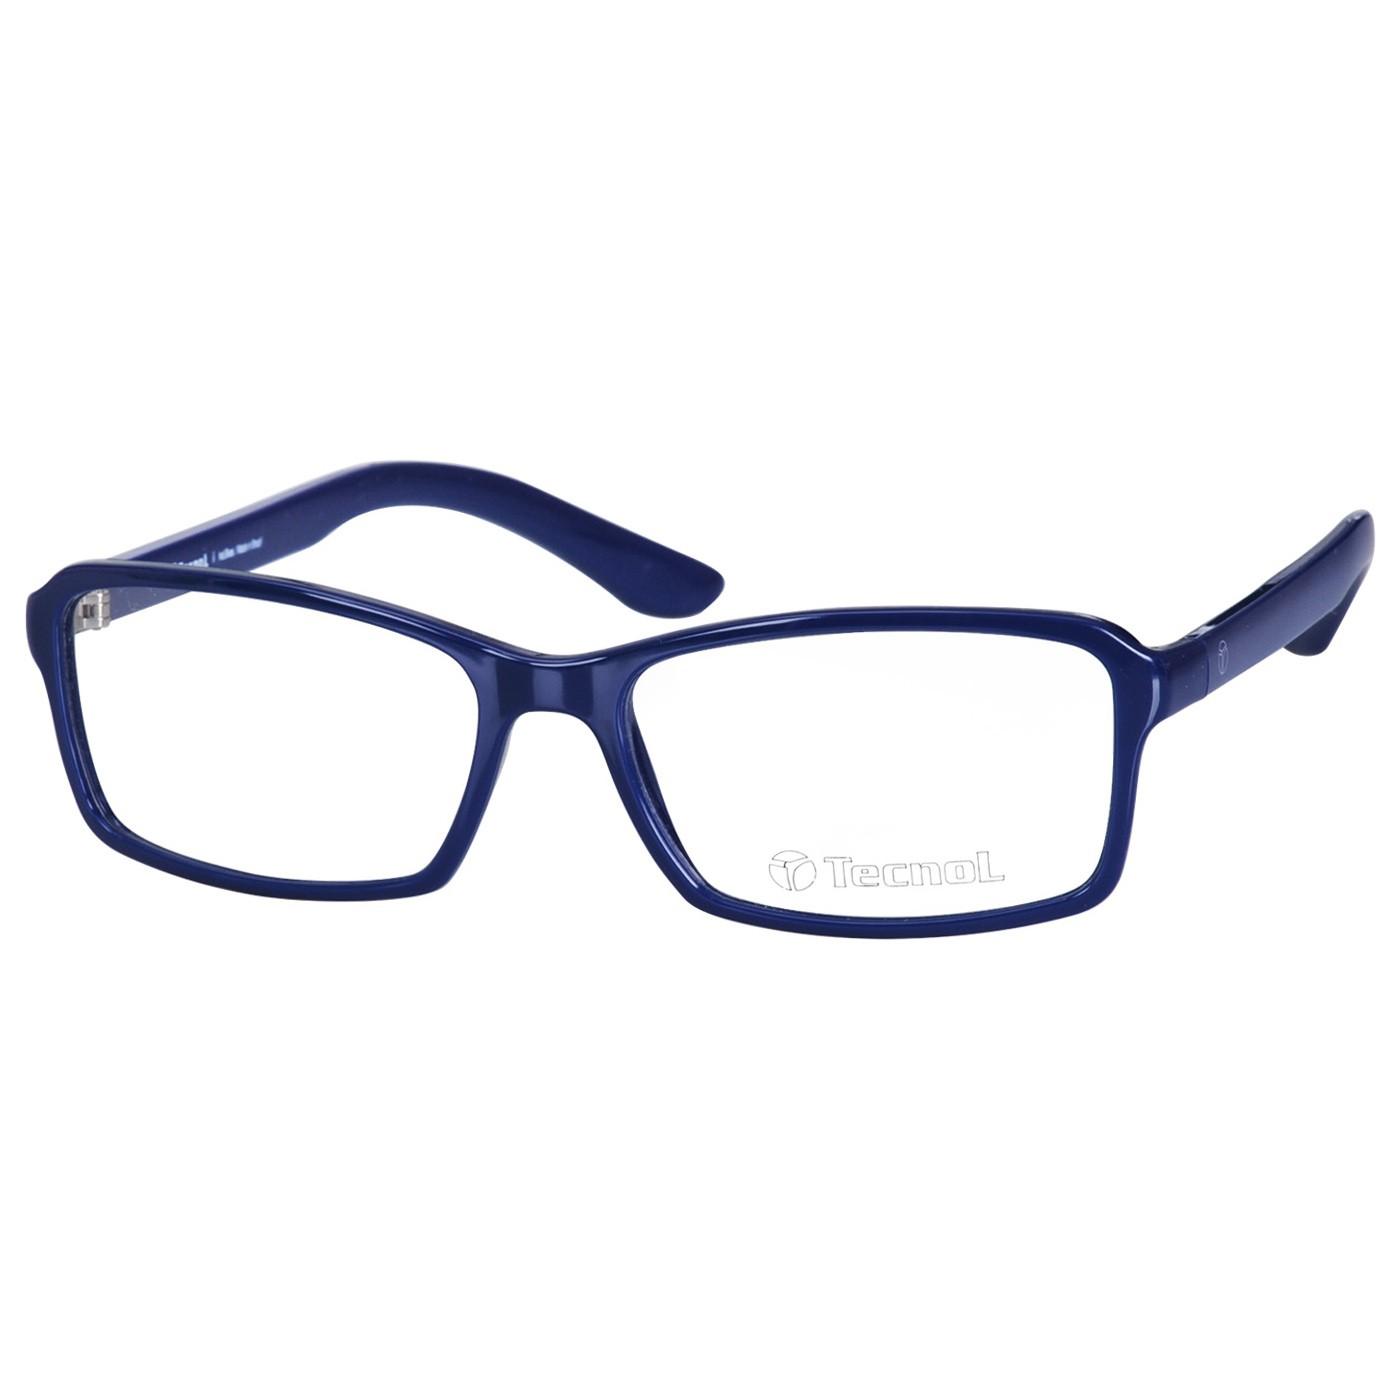 Armação de Óculos Pequeno Tecnol TN3023 Azul Brilho Tamanho 53